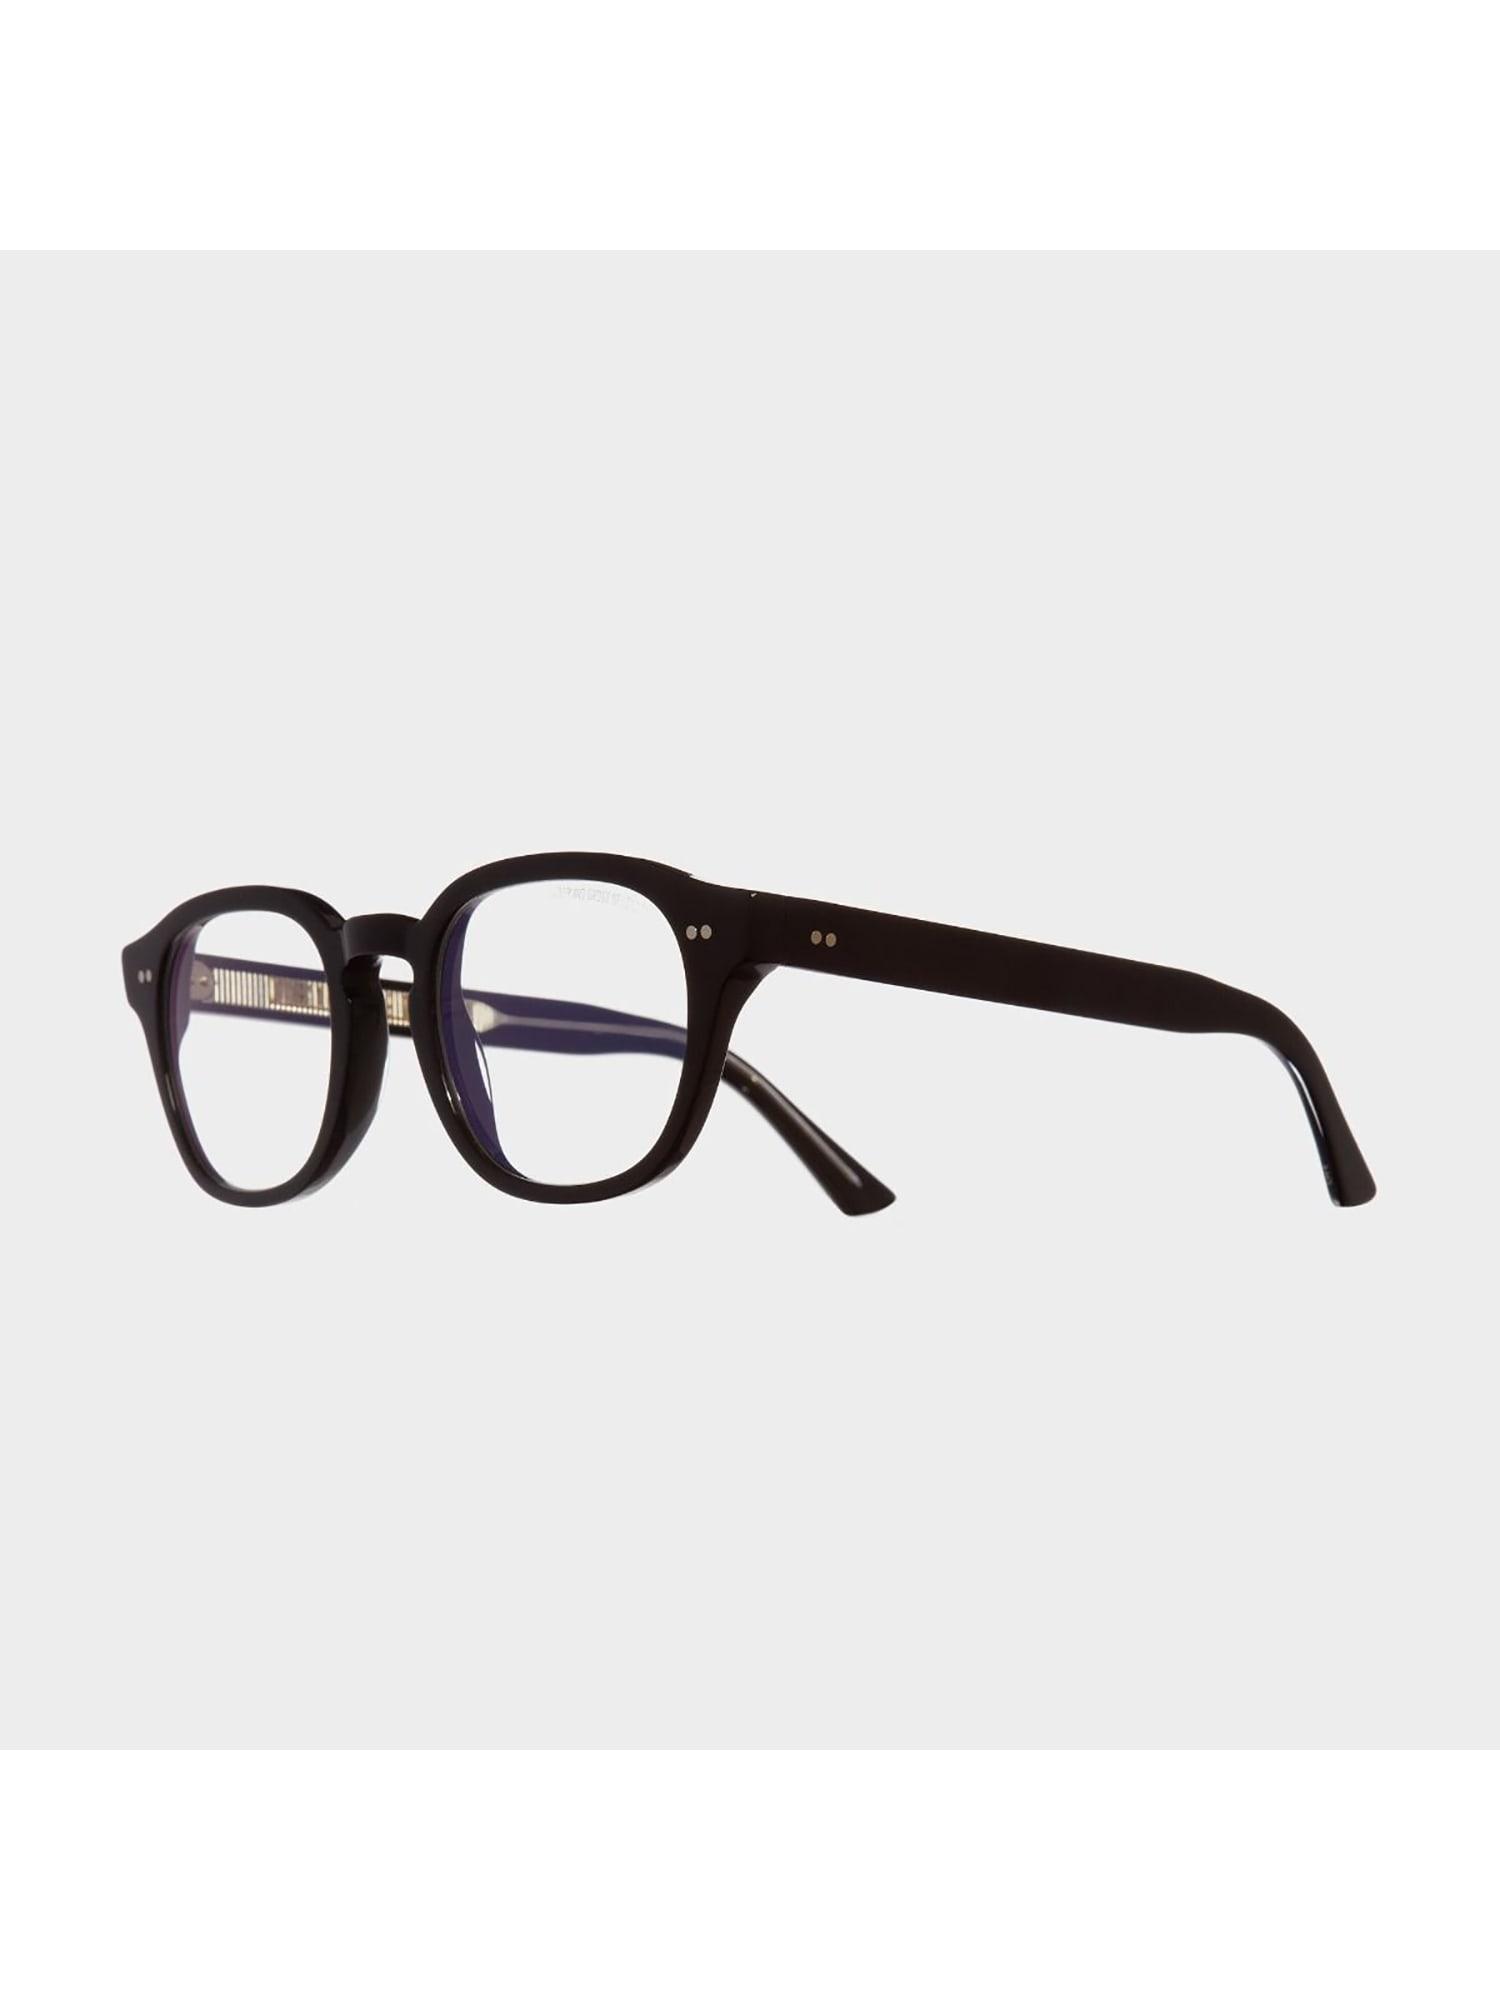 1380 Eyewear